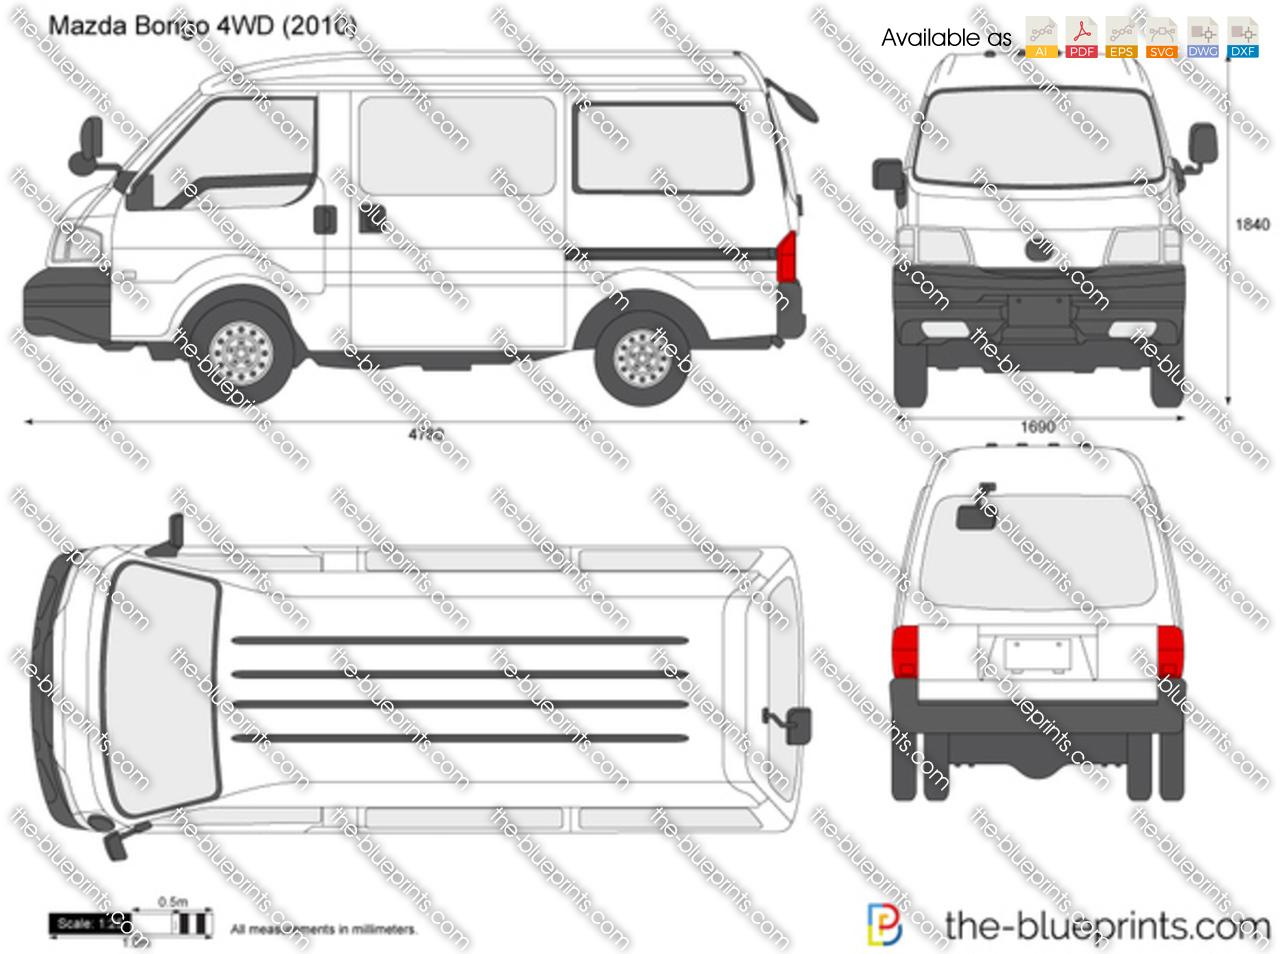 Mazda Bongo 4WD 2004